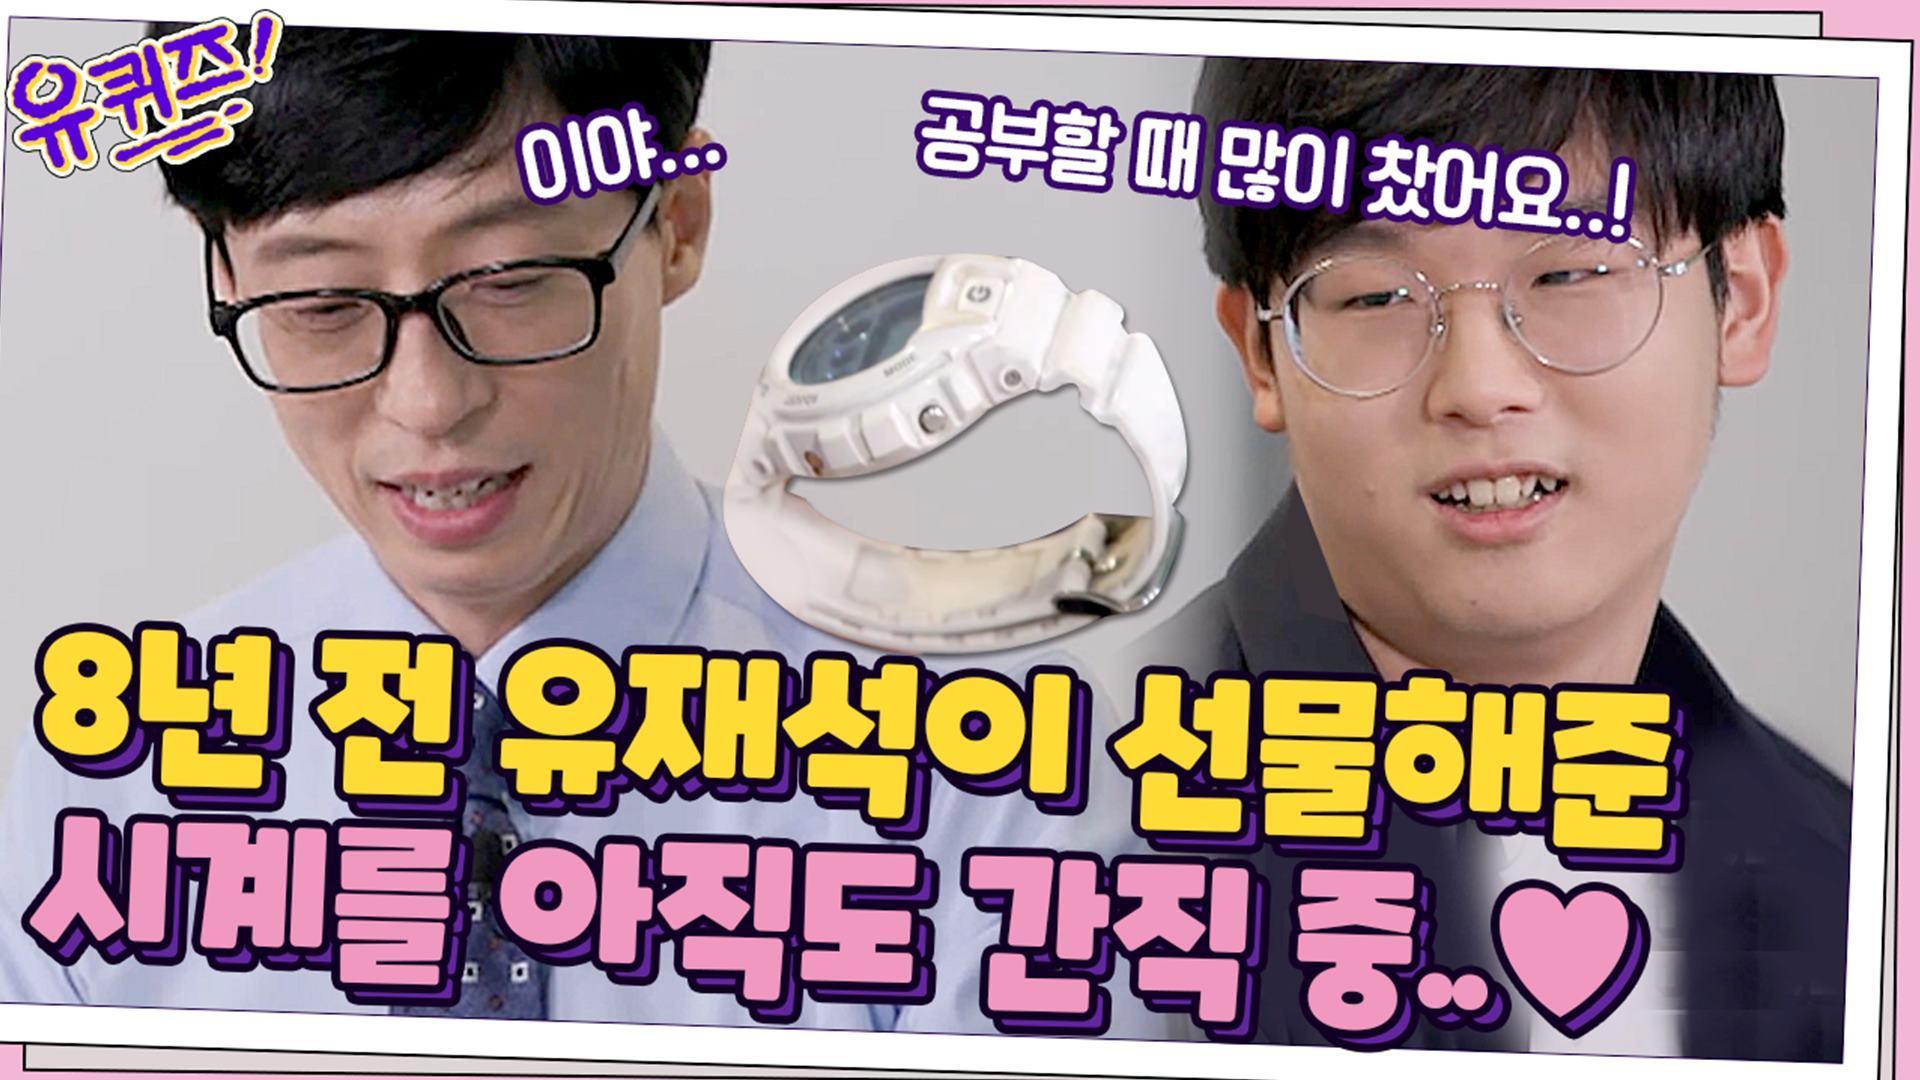 8년 전에 유반장이 사준 시계를 아직도 가지고 있는 (전) 꼬마 PD...ㅜ.ㅜ | tvN 210616 방송